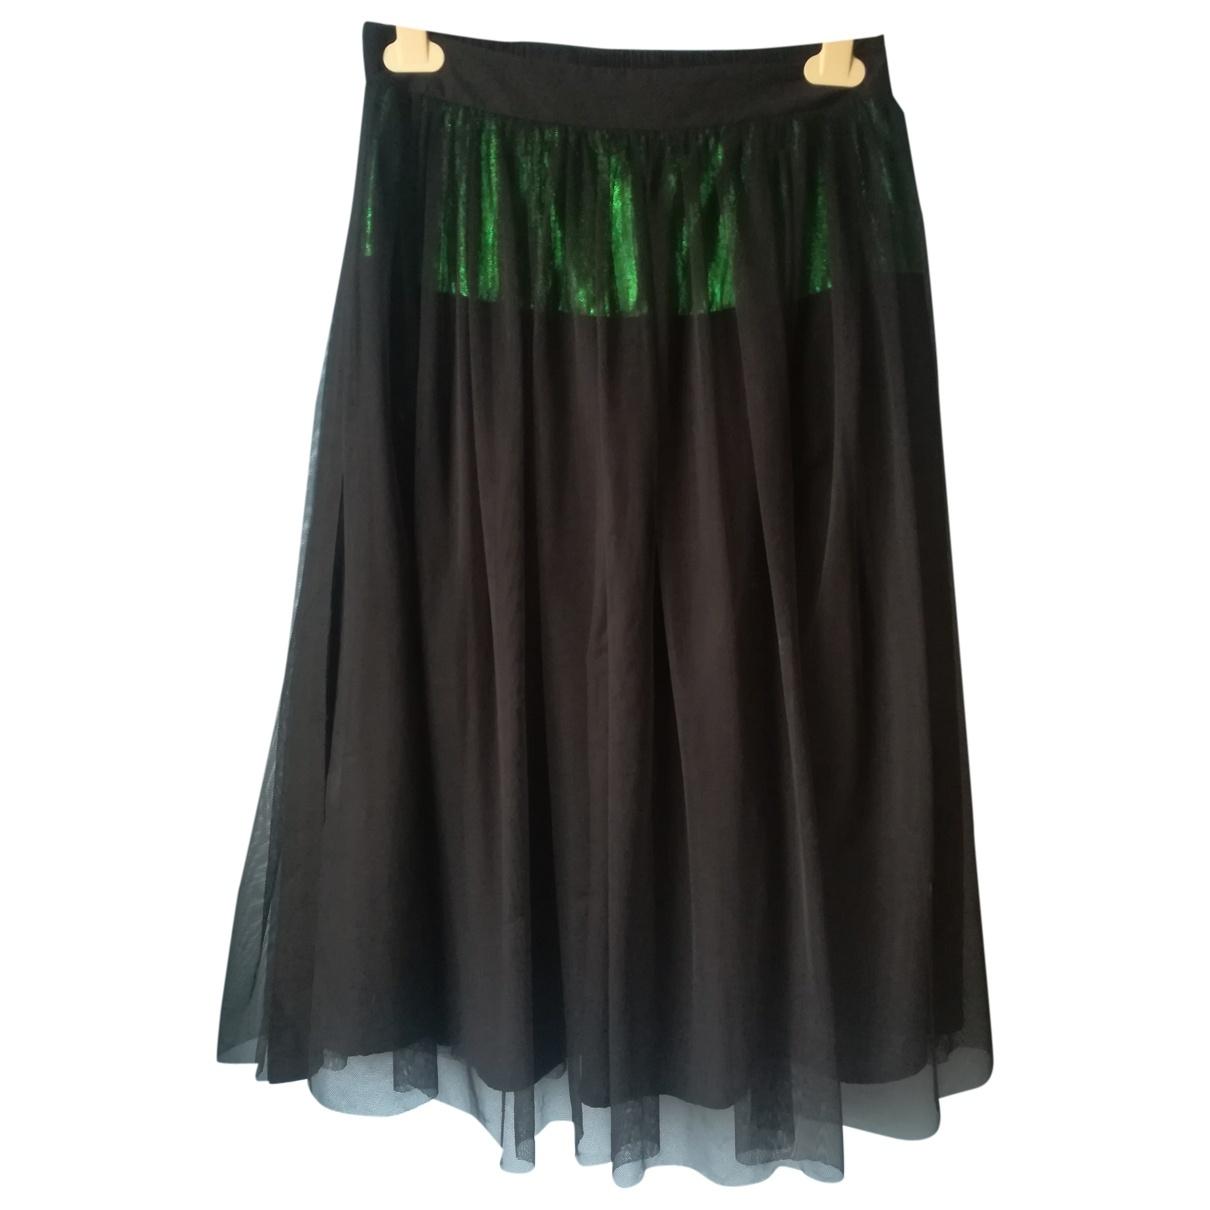 8pm \N Black Cotton - elasthane skirt for Women XS International